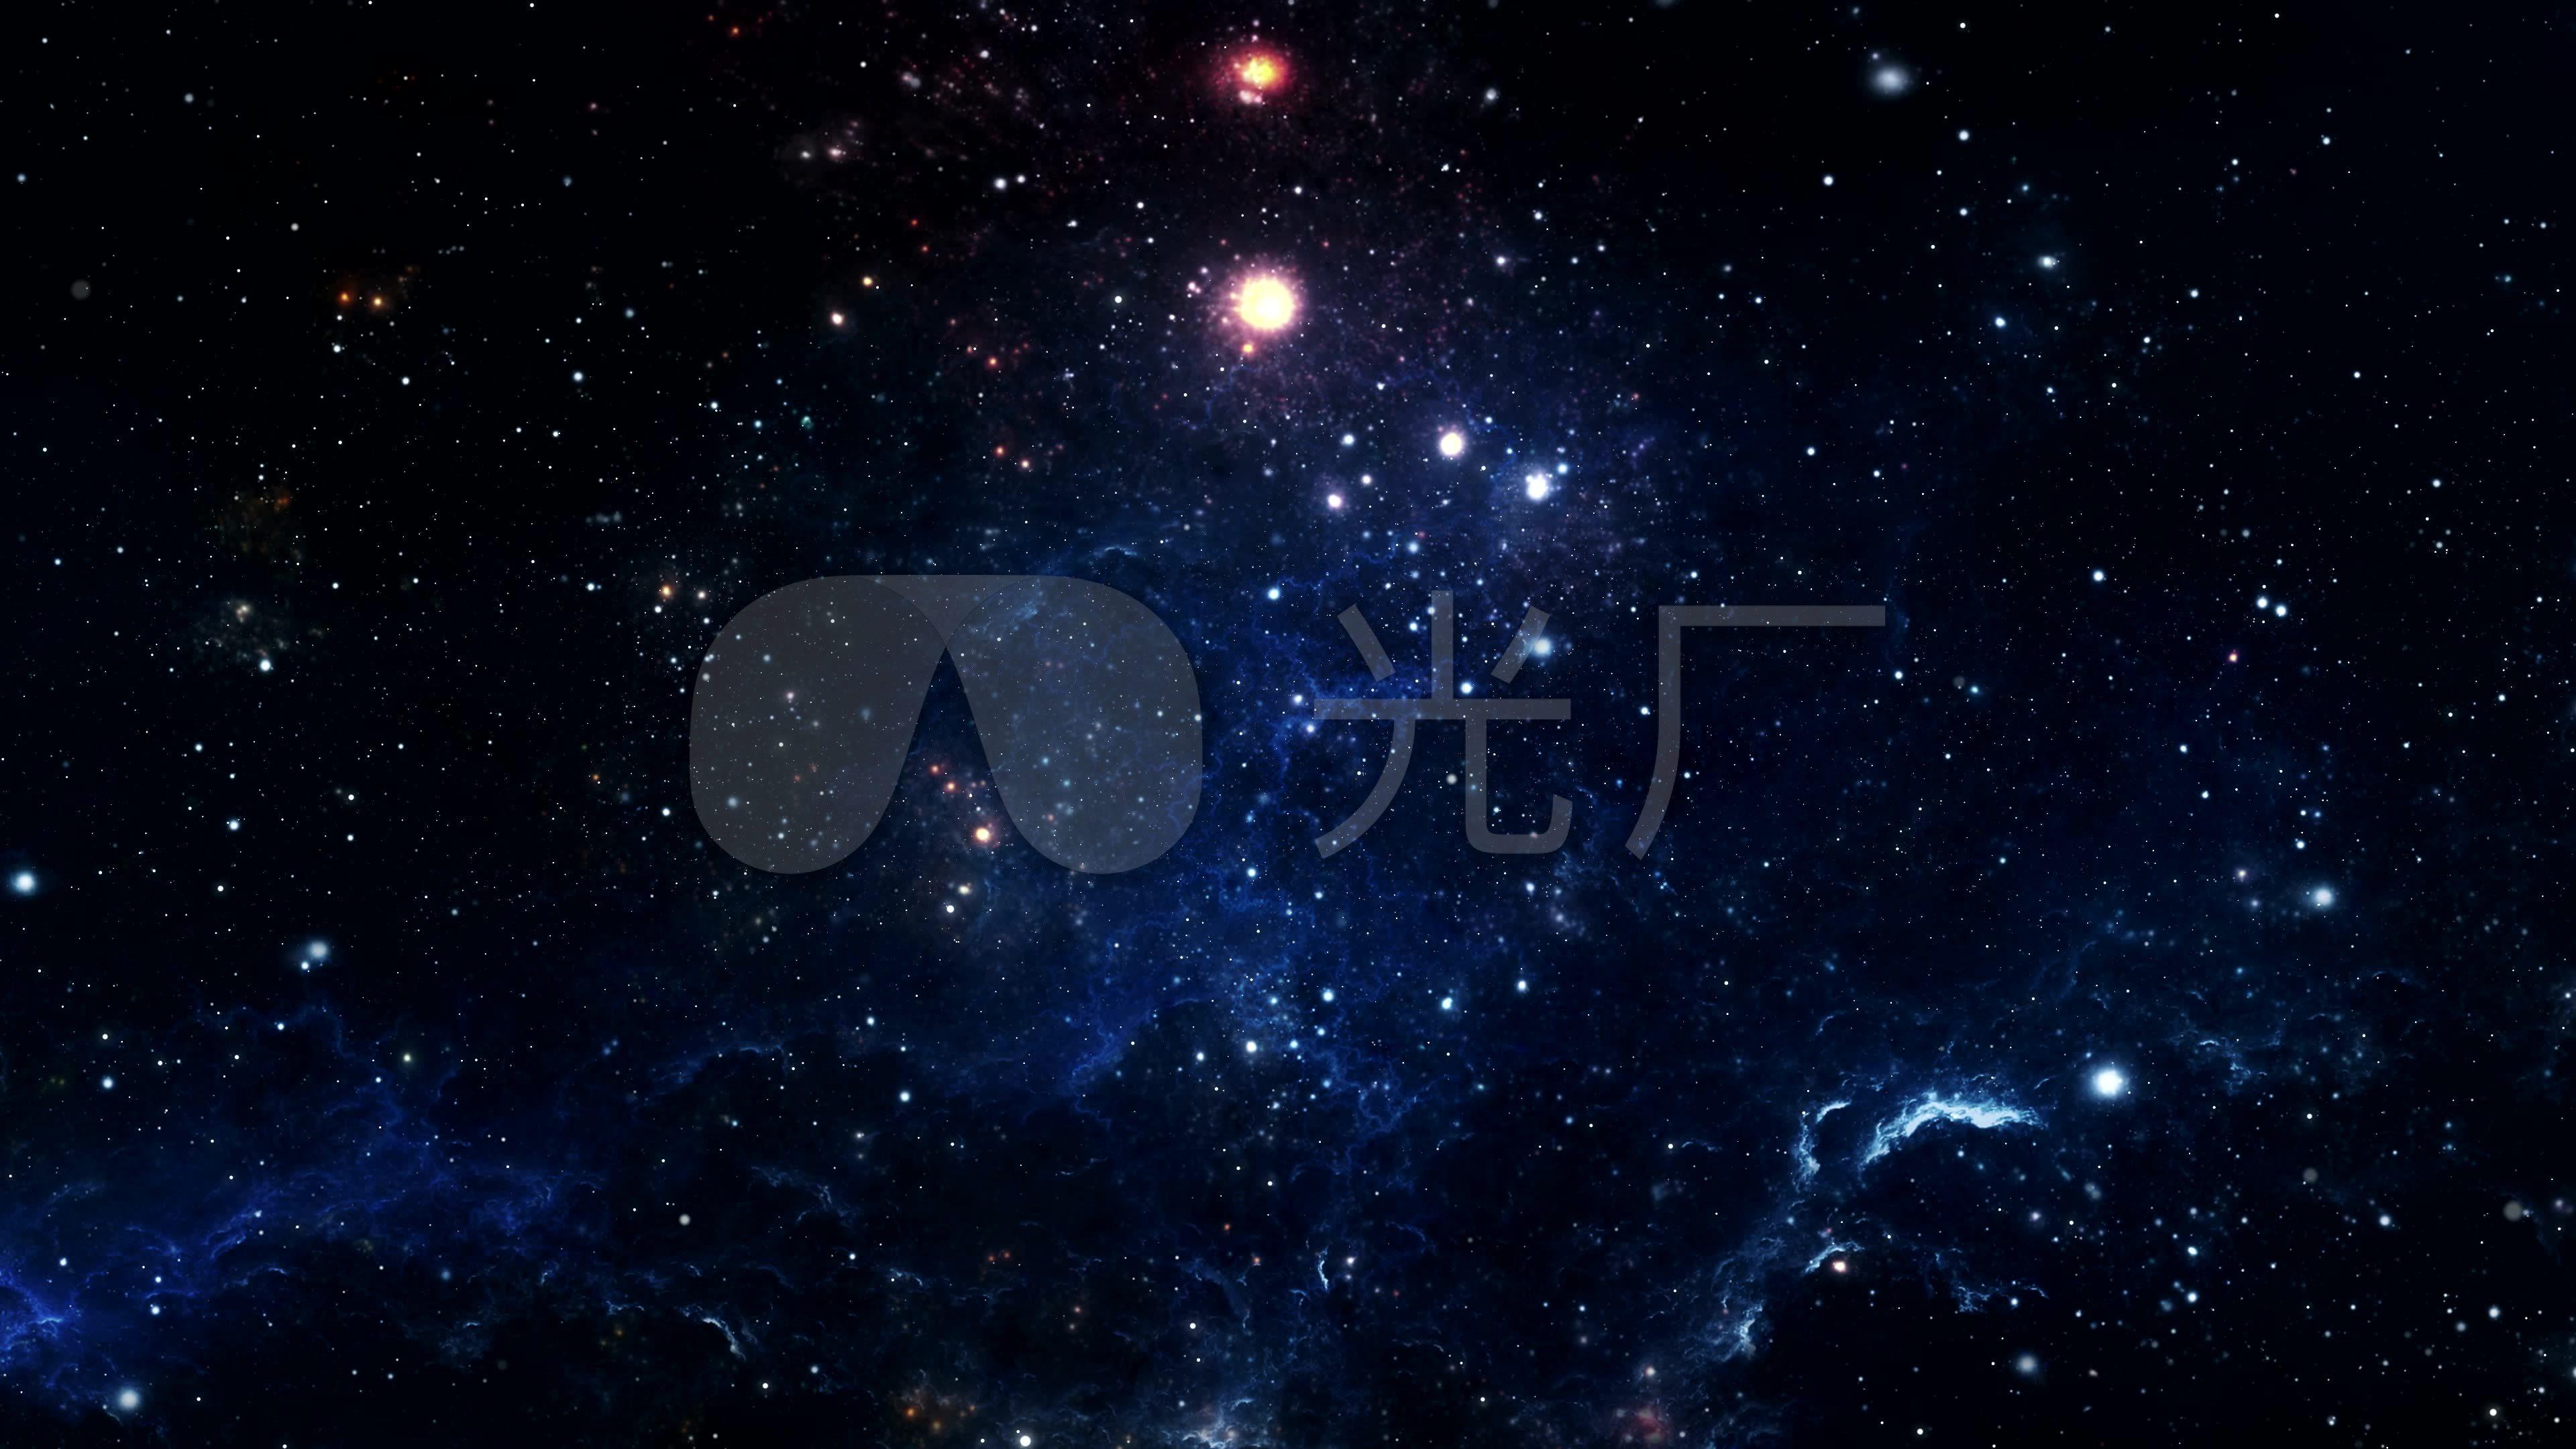 星空视频壁纸_4k震撼大气宇宙星空视频_3840x2160_高清视频素材下载